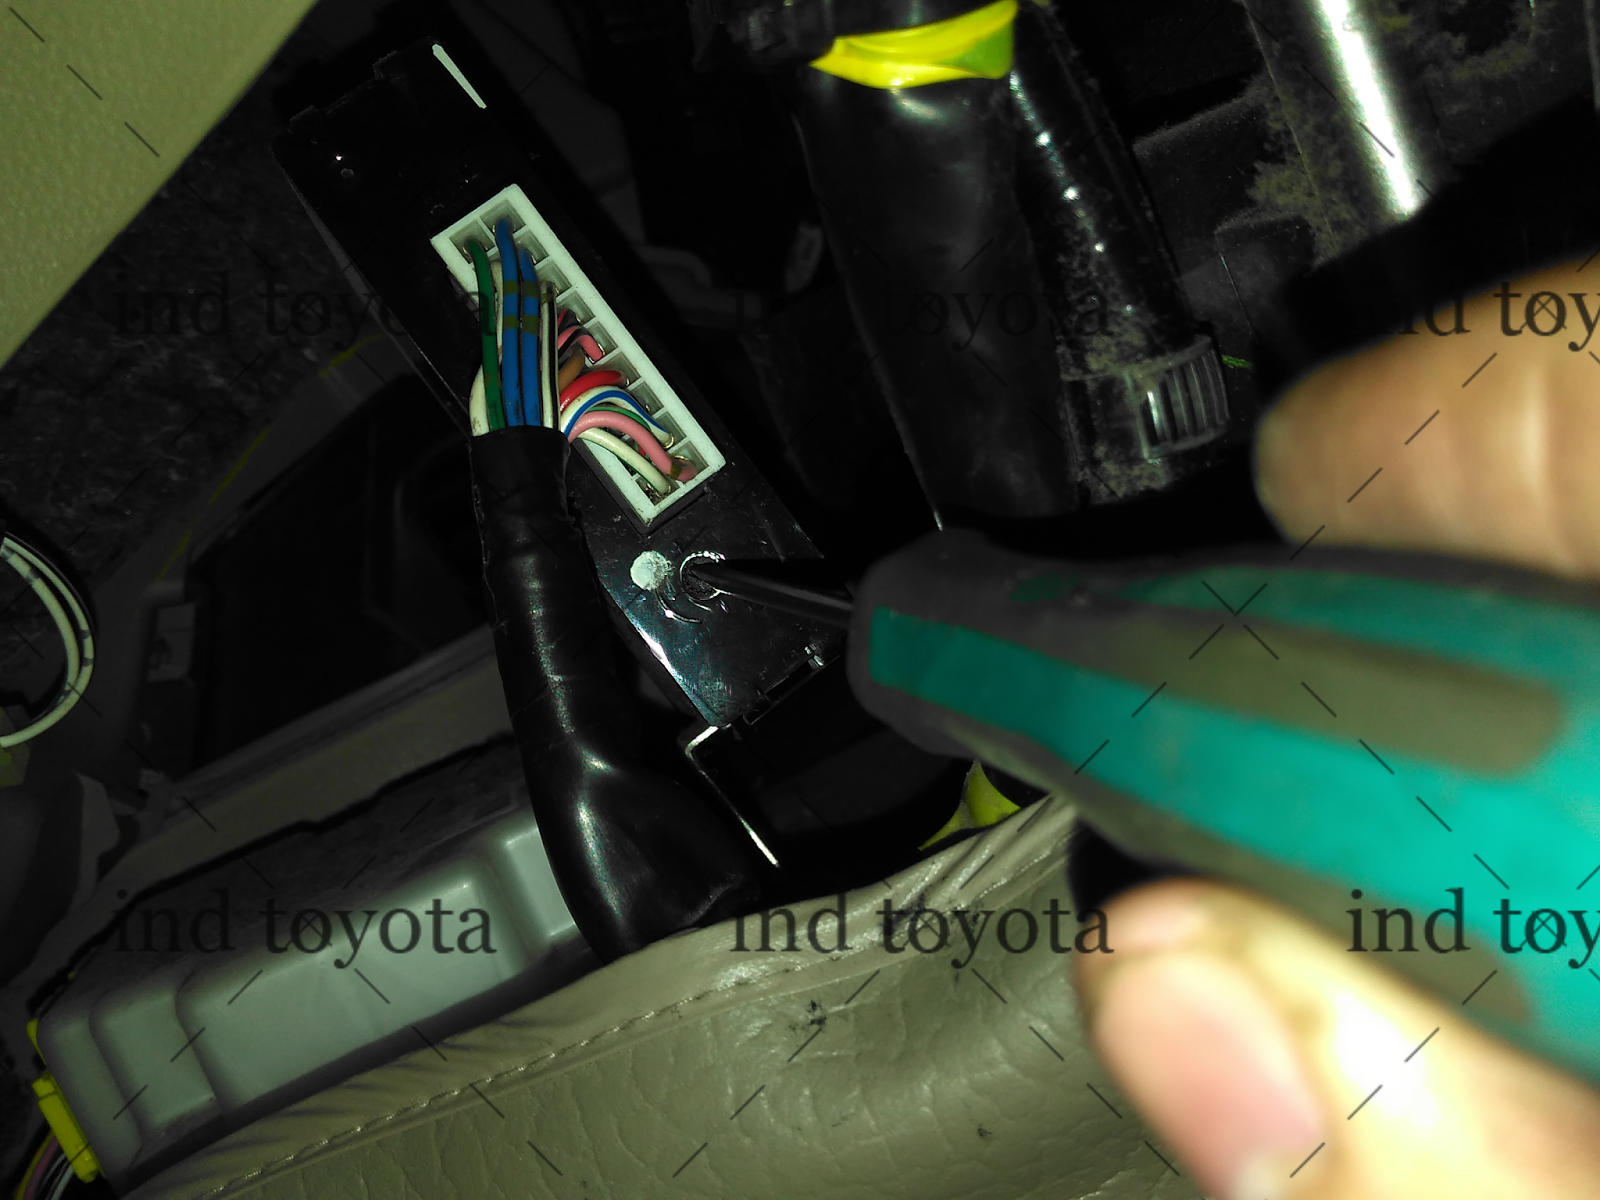 Cara Mematikan Alarm Grand New Avanza Pajak 2016 Menyetel Sensitifitas Kendaraan Mobil Toyota Dari Buka Yang Warna Hitam Congkel Bagian Dalam Ditengah Klip Dan Untuk Coklat Anda Cukup Tekan Tengah Agar Masuk Kedalam Lalu